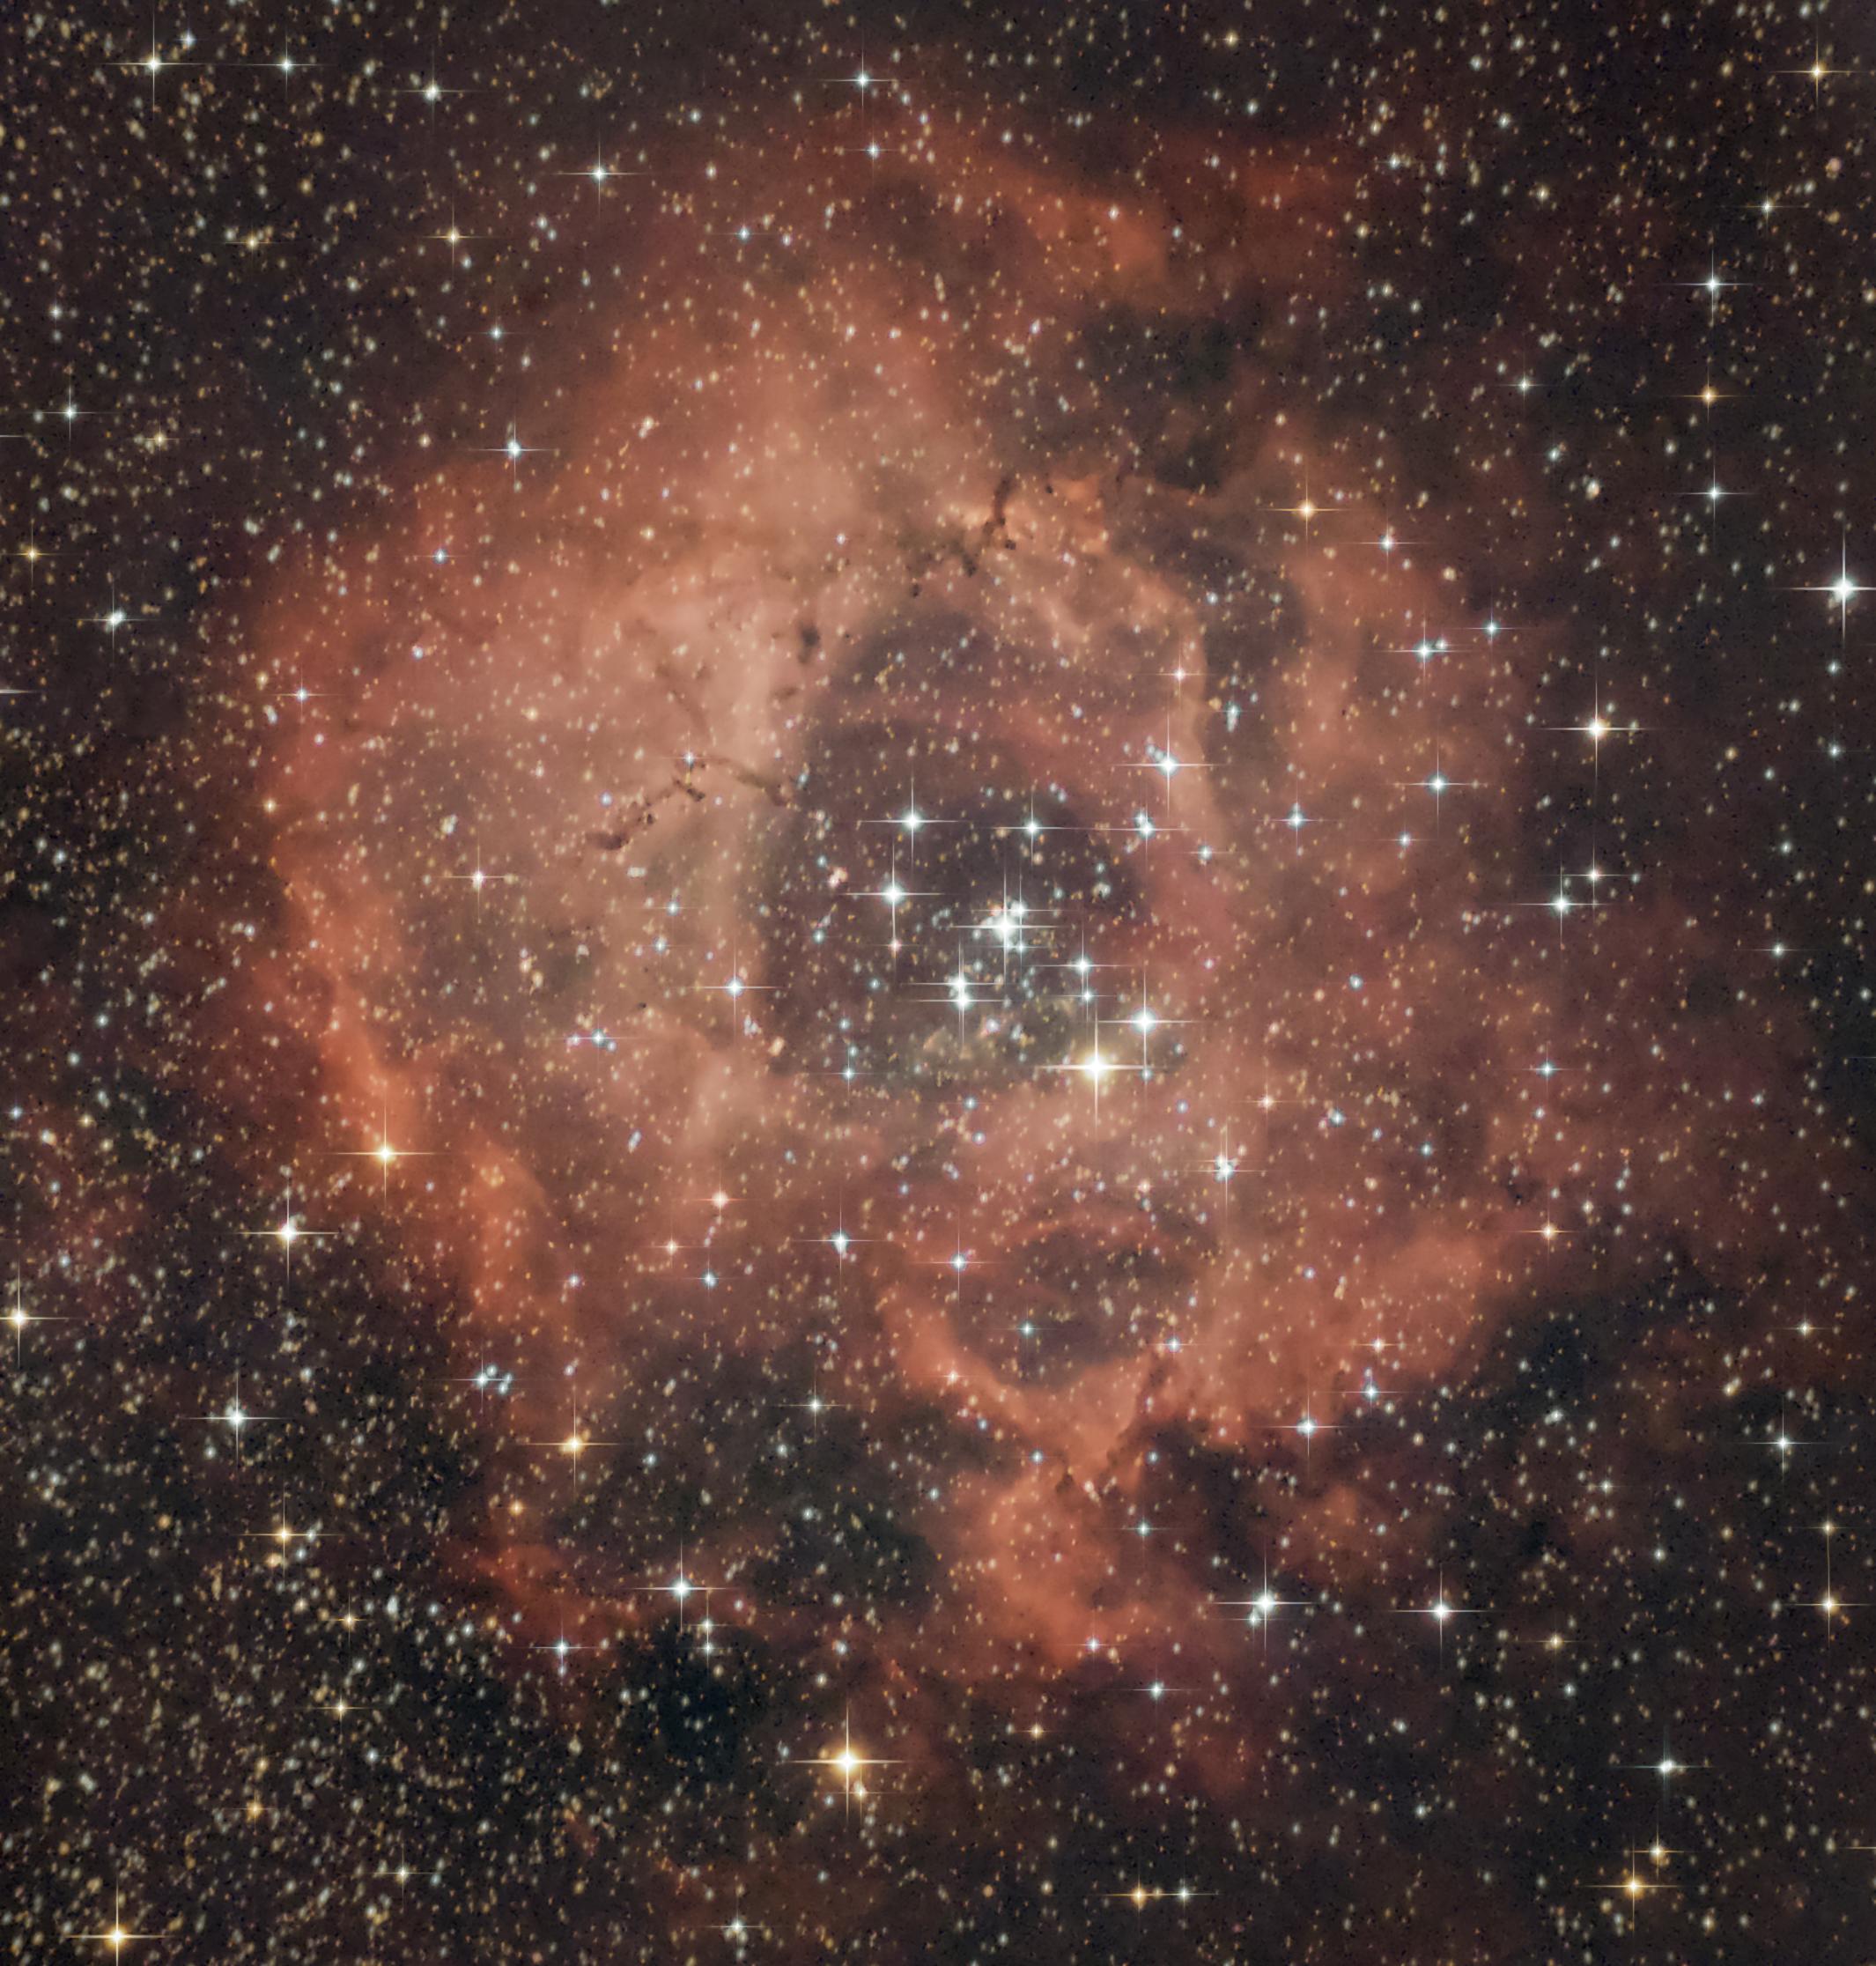 caldwell 49, c49, rosette nebula, rosette, monoceros,